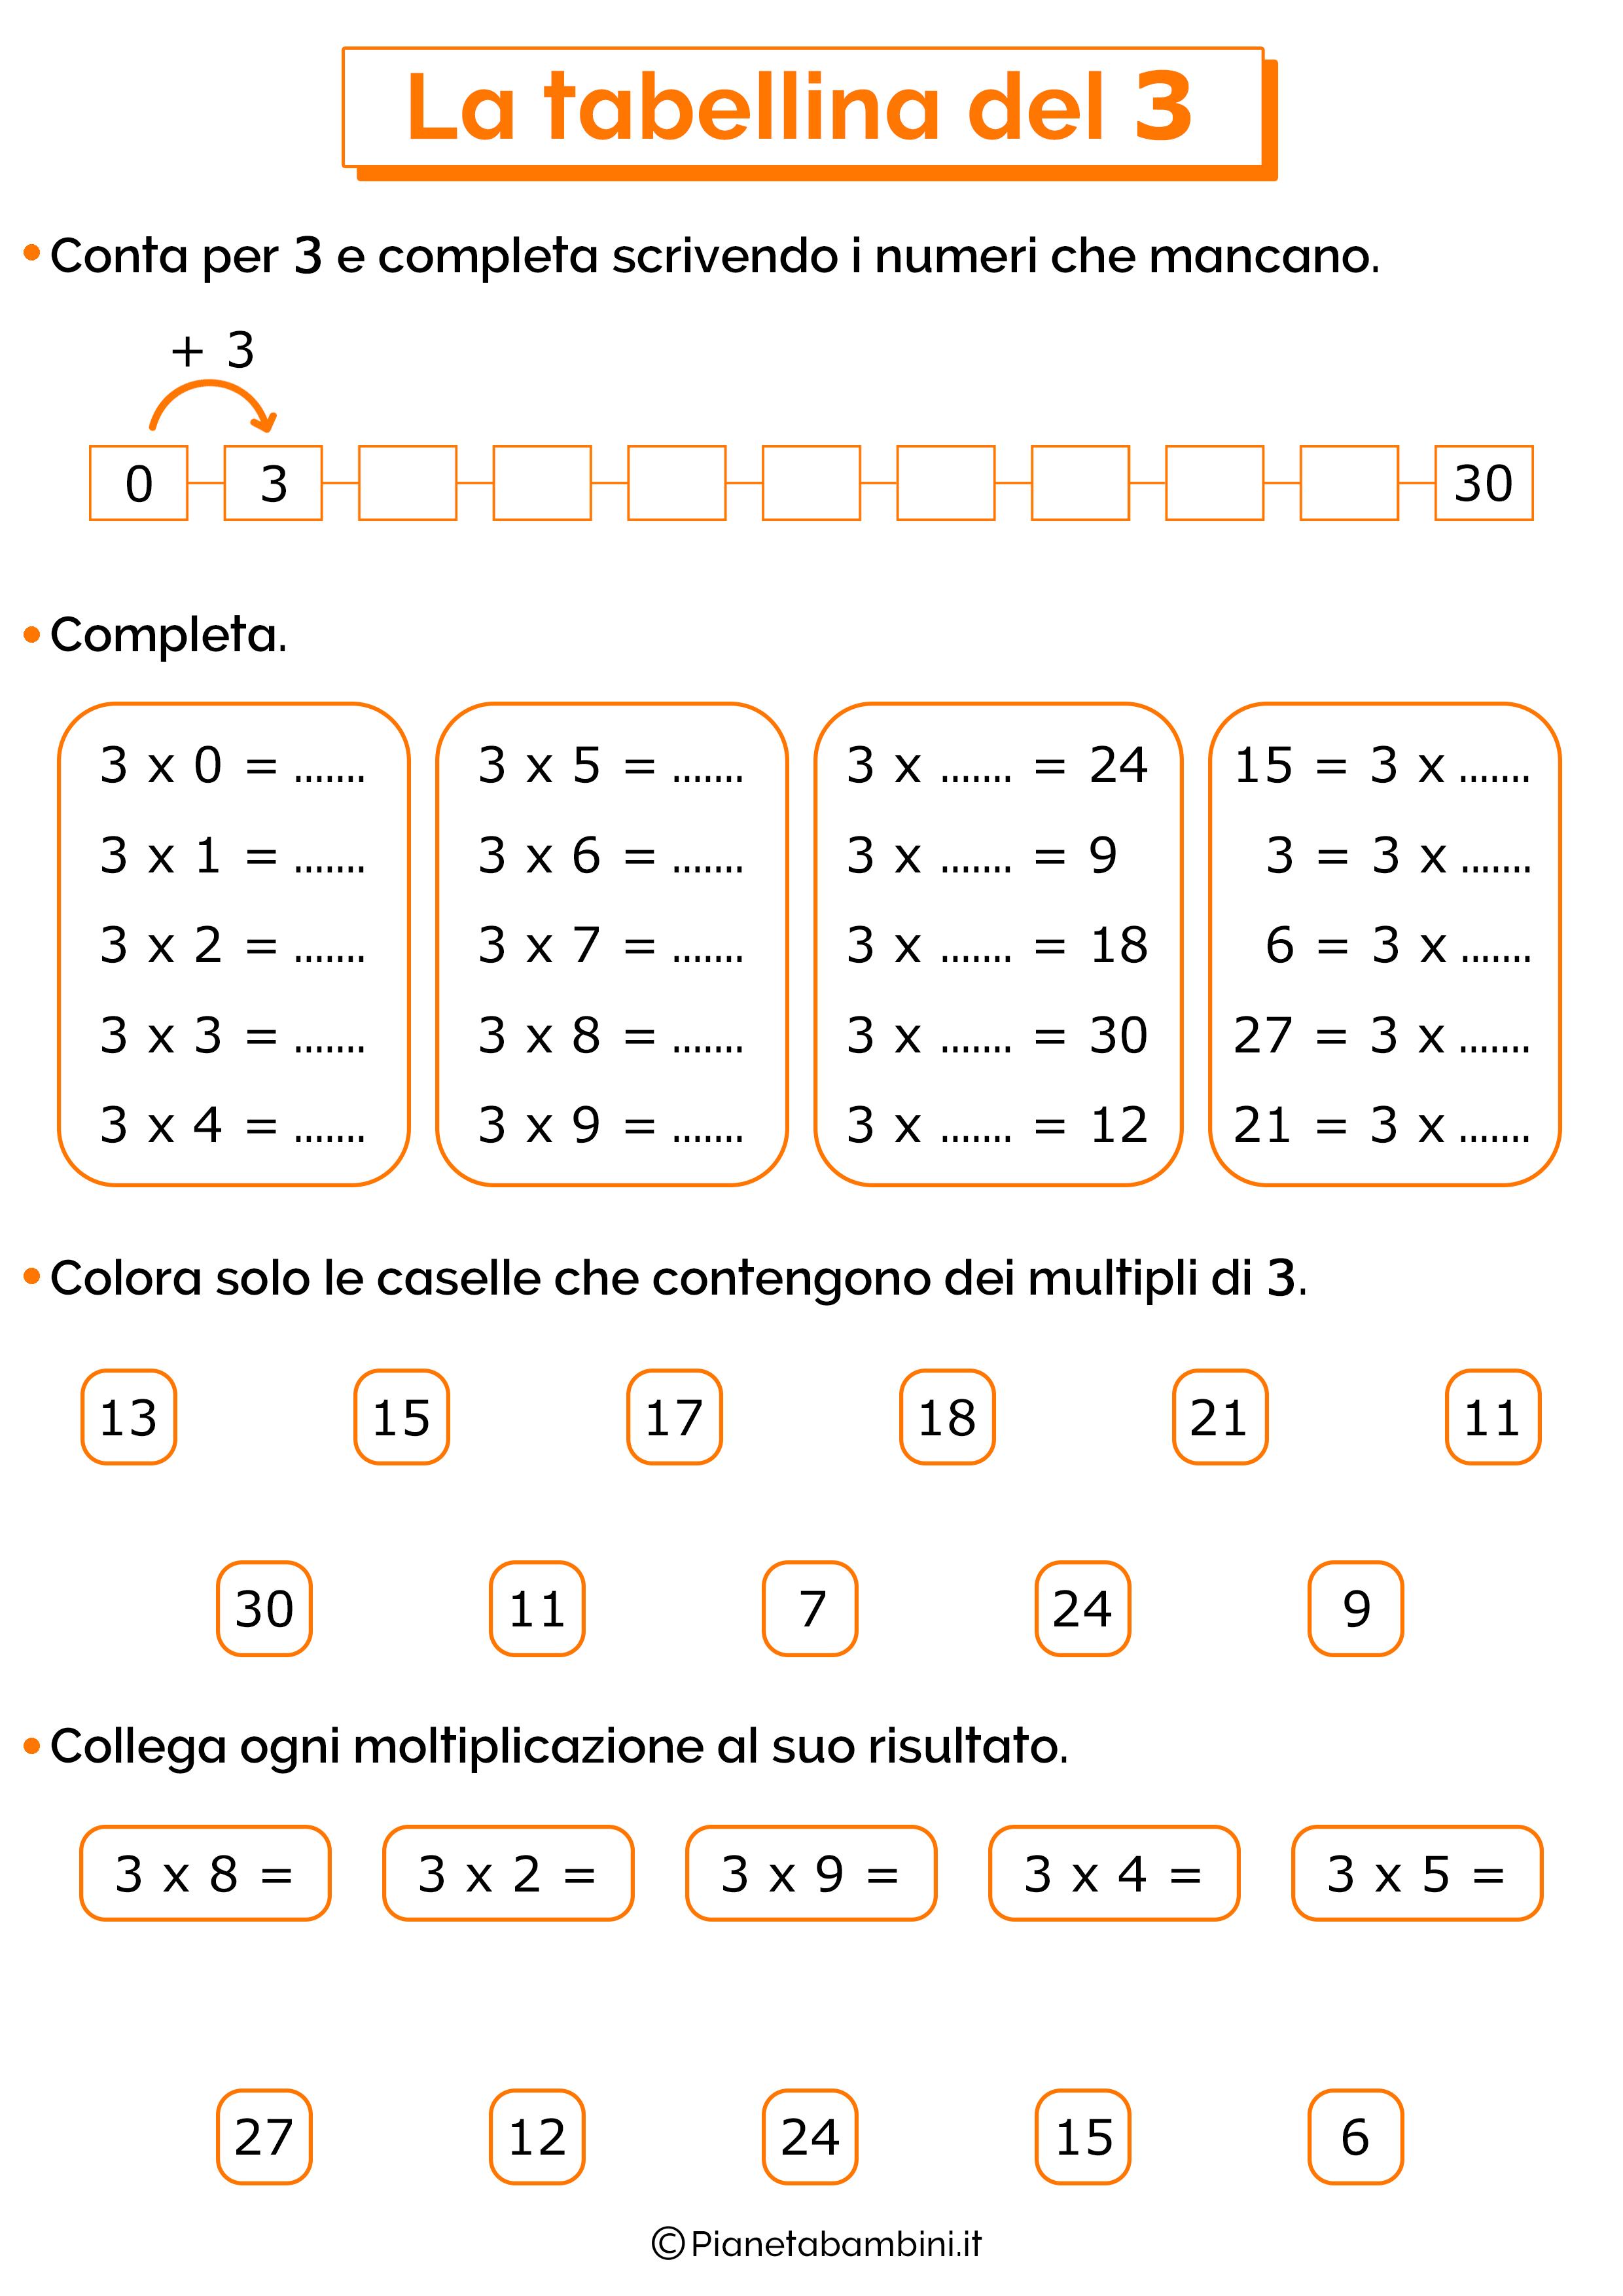 Esercizi sulla tabellina del 3